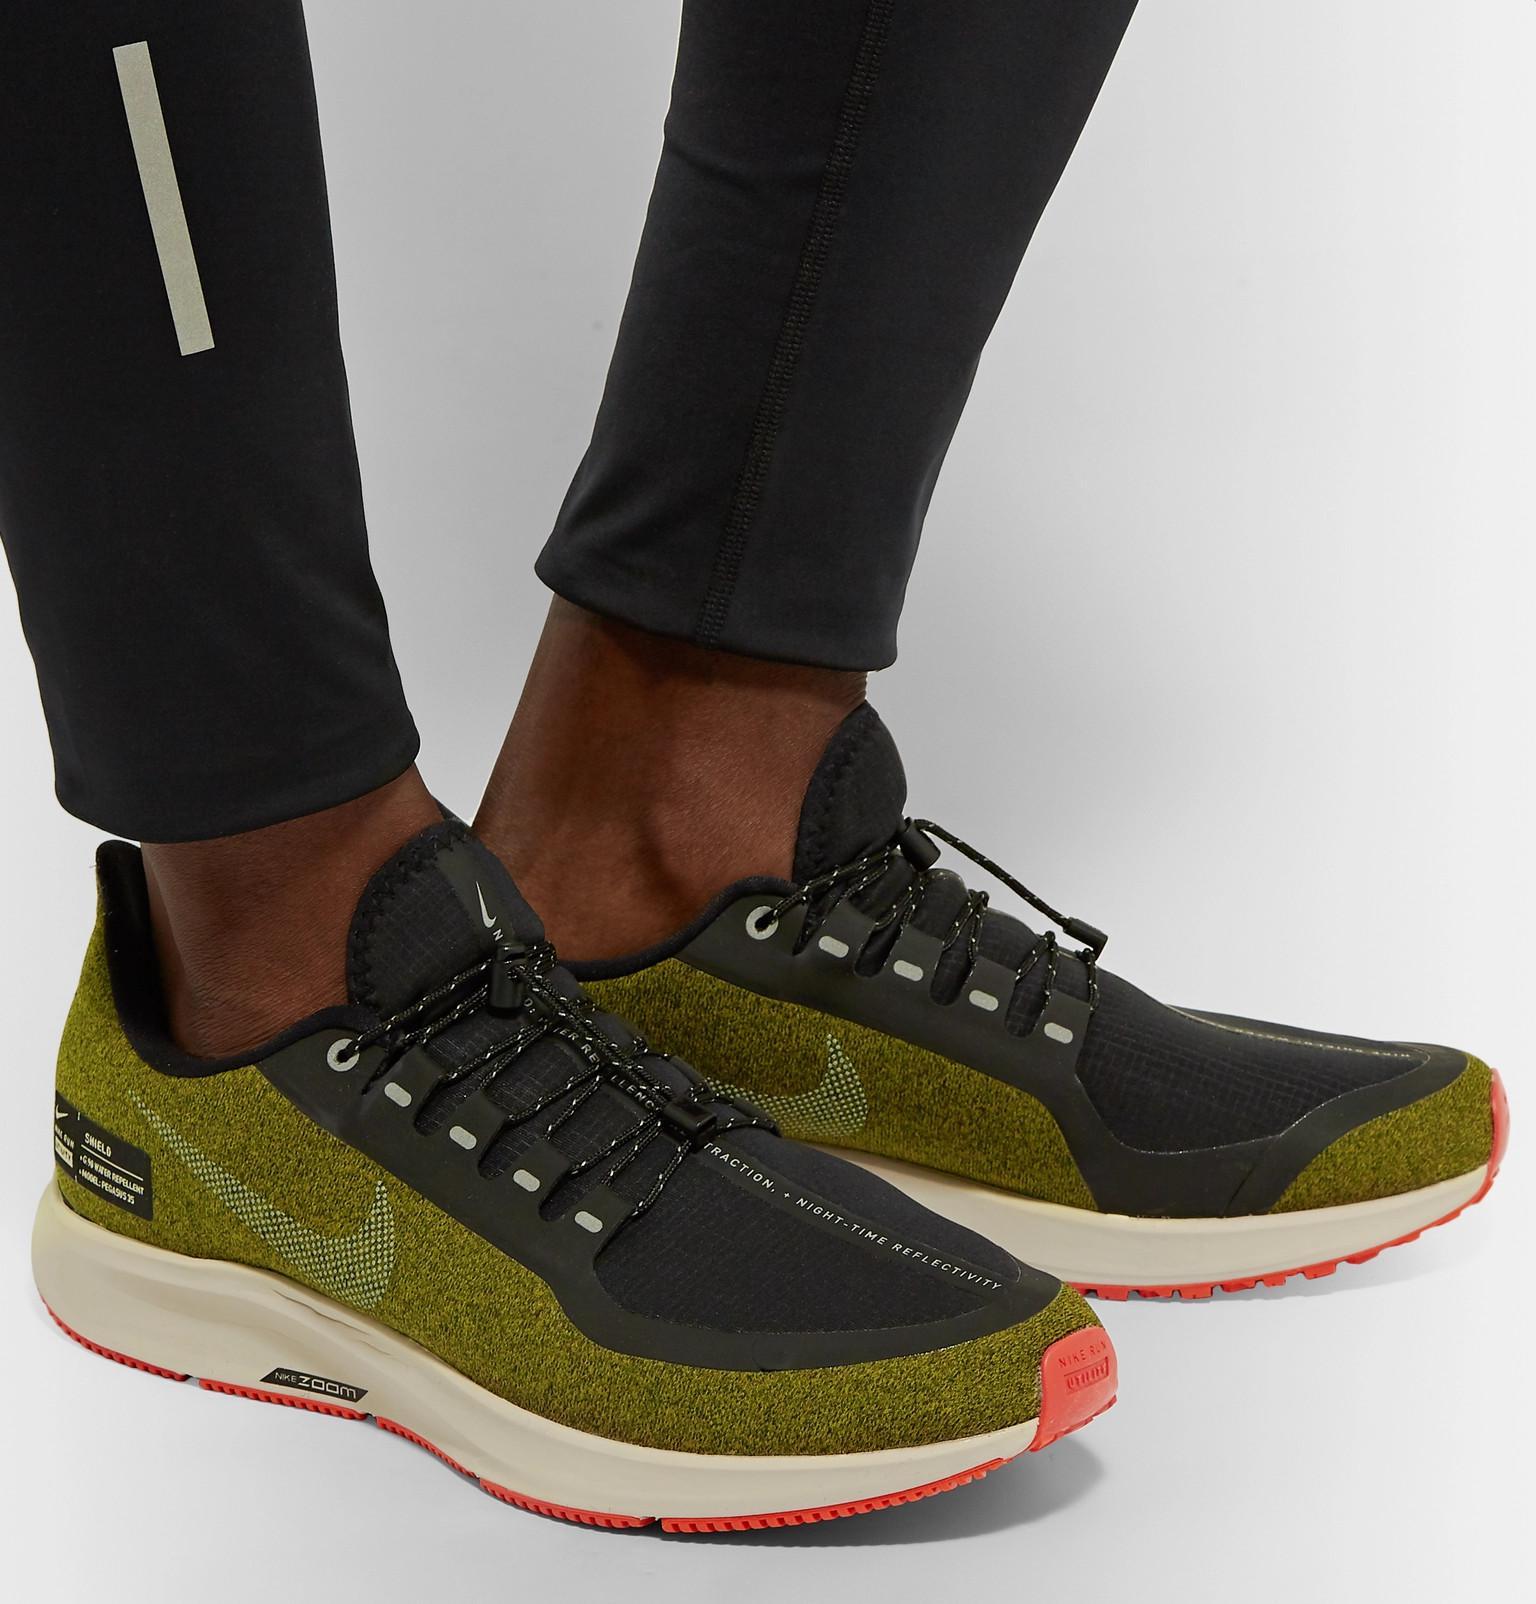 Nike - Green Air Zoom Pegasus 35 Shield Water-repellent Sneakers for Men -  Lyst. View fullscreen 08d9fcb4c3c4